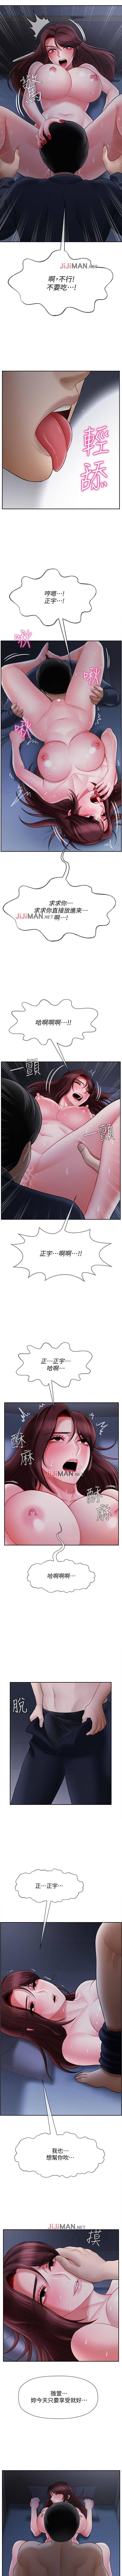 【已休刊】坏老师(作者:朴世談&福) 第1~31话 106